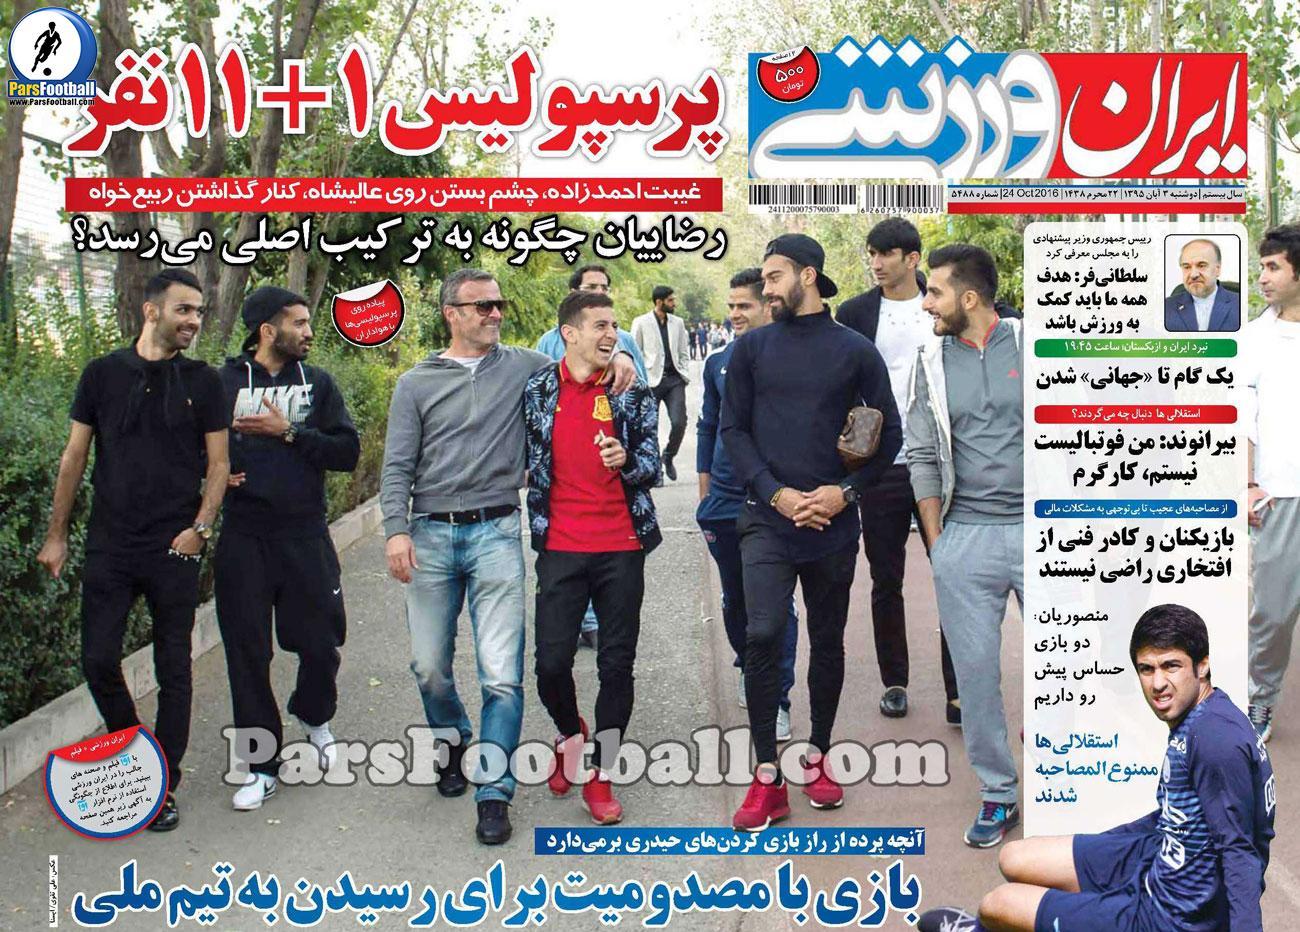 روزنامه ایران ورزشی دوشنبه 3 آبان 95